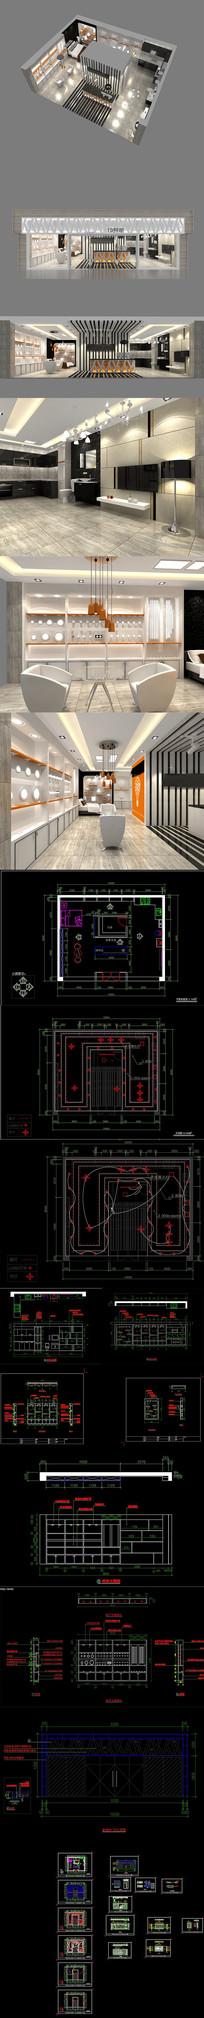 全套照明展厅CAD施工图 效果图